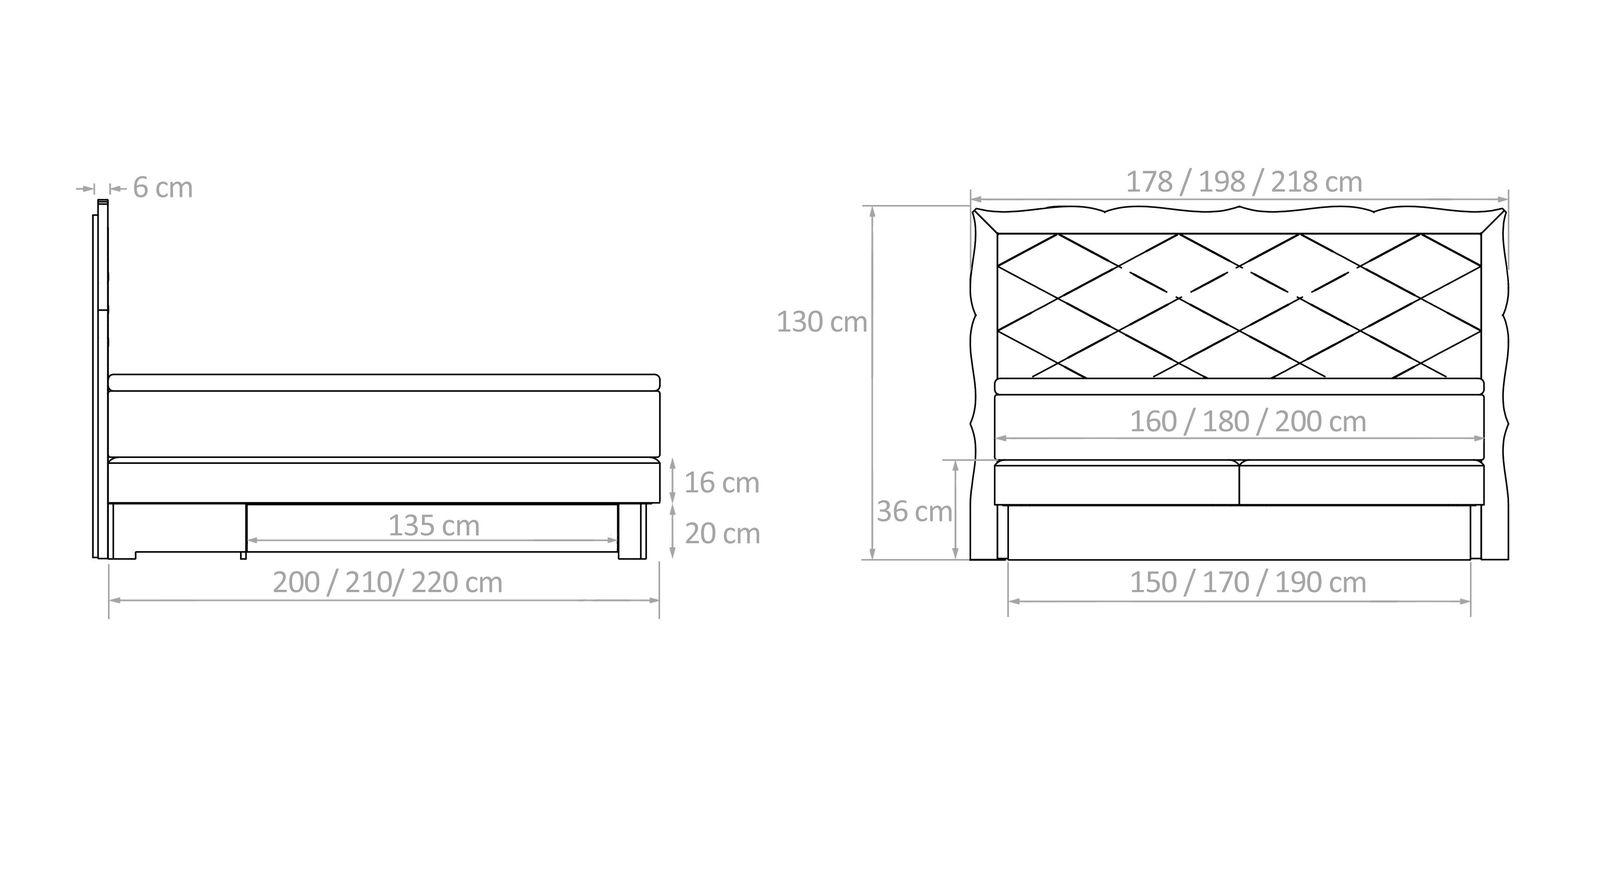 Übersichts-Grafik für die Maße von Boxspringbett Gradina